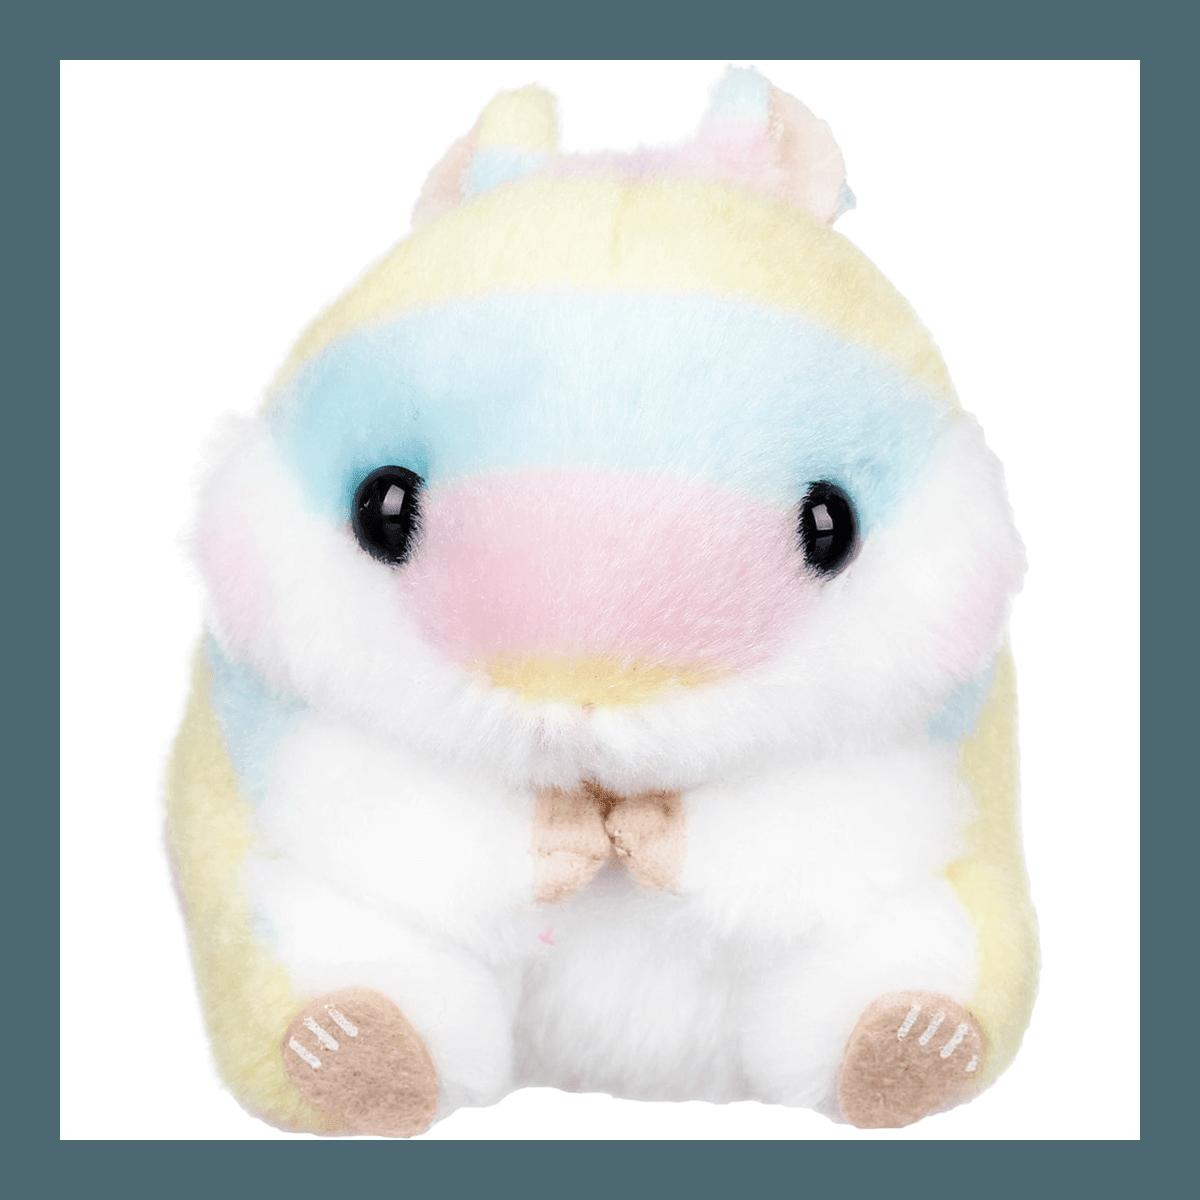 日本AMUSE 可爱彩虹仓鼠公仔娃娃玩偶钥匙圈 4英寸